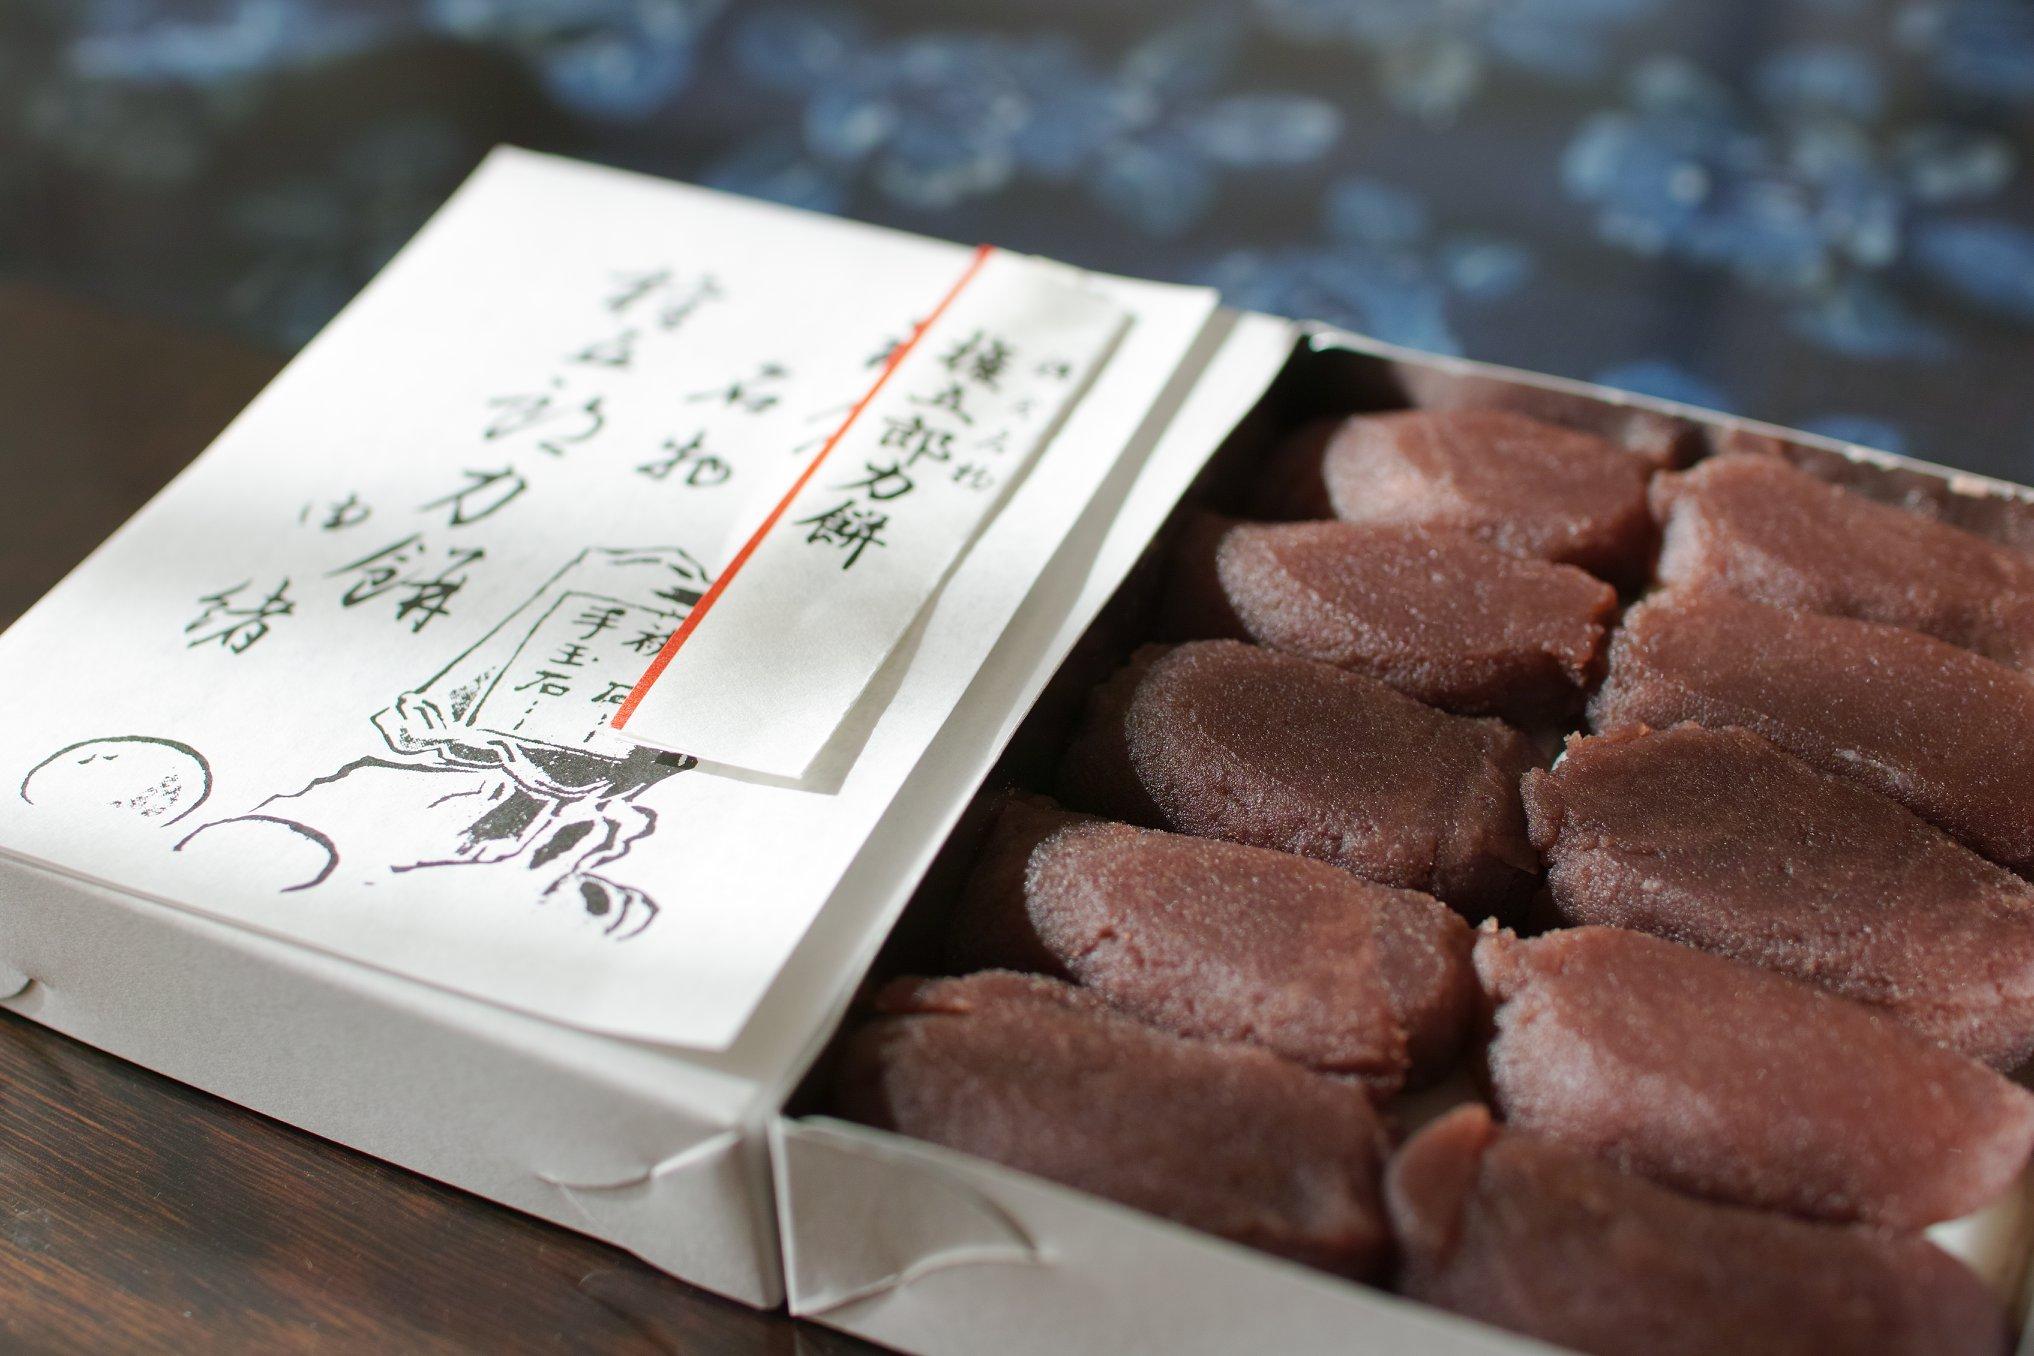 鎌倉で人気のお土産30選♡大人気の定番土産や鎌倉らしいお洒落な洋菓子まで外さないお土産をまとめました。